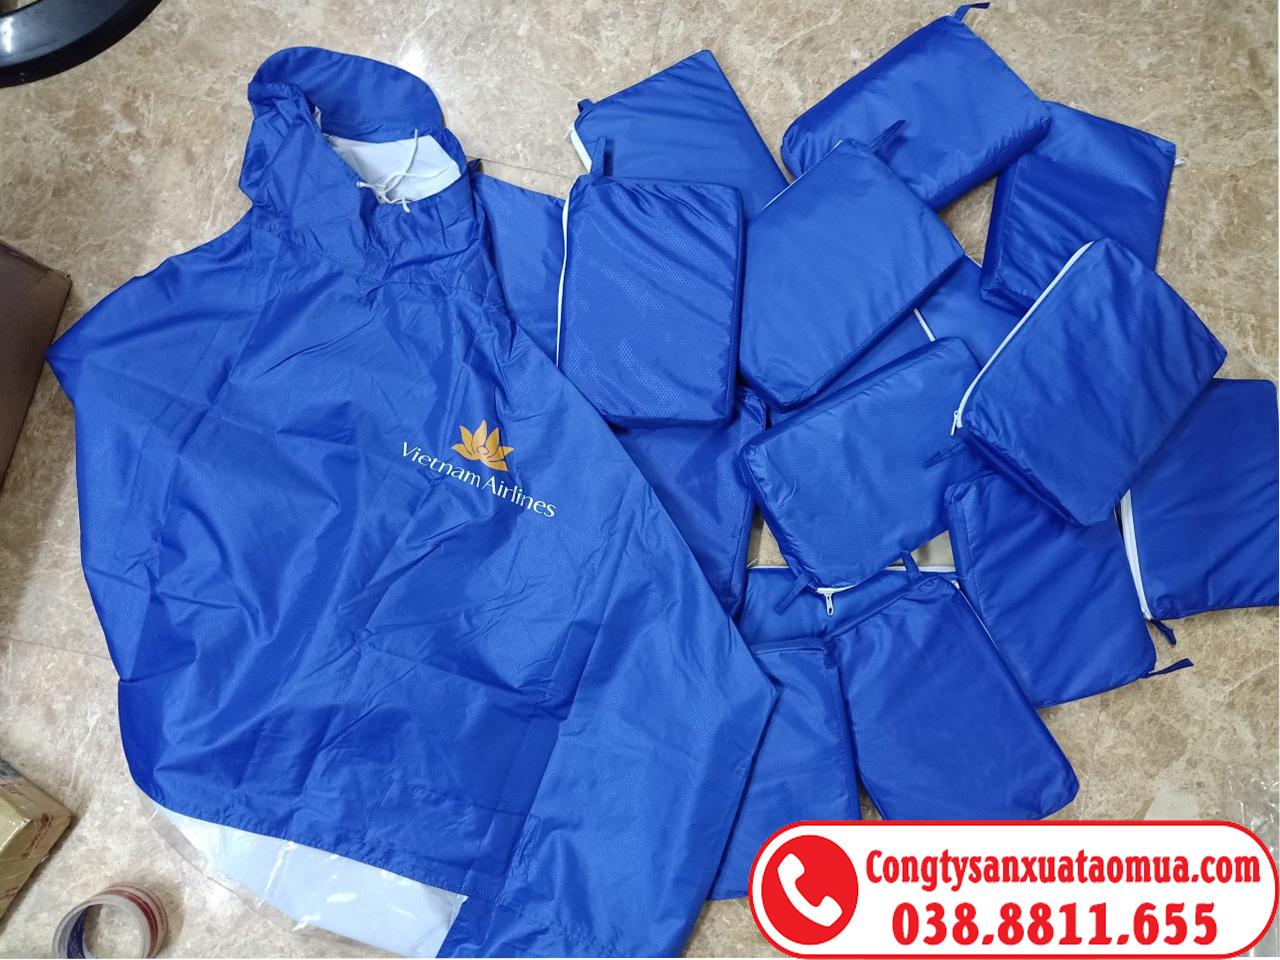 Địa chỉ sản xuất áo mưa quà tặng in logo tại Hà Nội